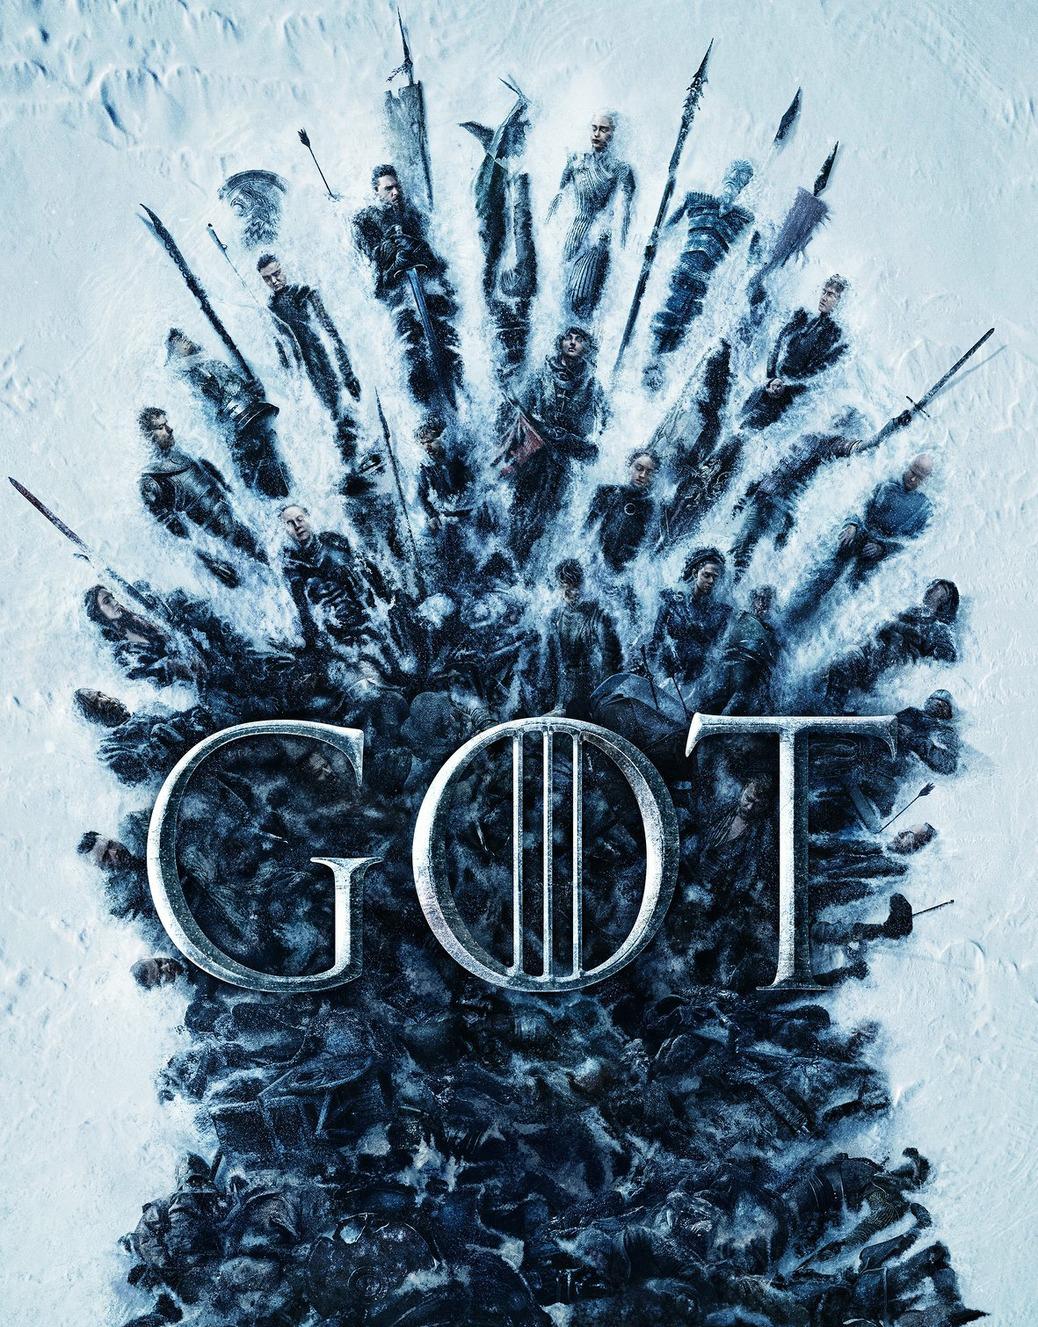 تصویر اصلی خبر برخی نکات که درباره قسمت اول [وینترفل] از فصل 8 سریال بازی تاج و تخت(Game of Thrones) نمیدانید